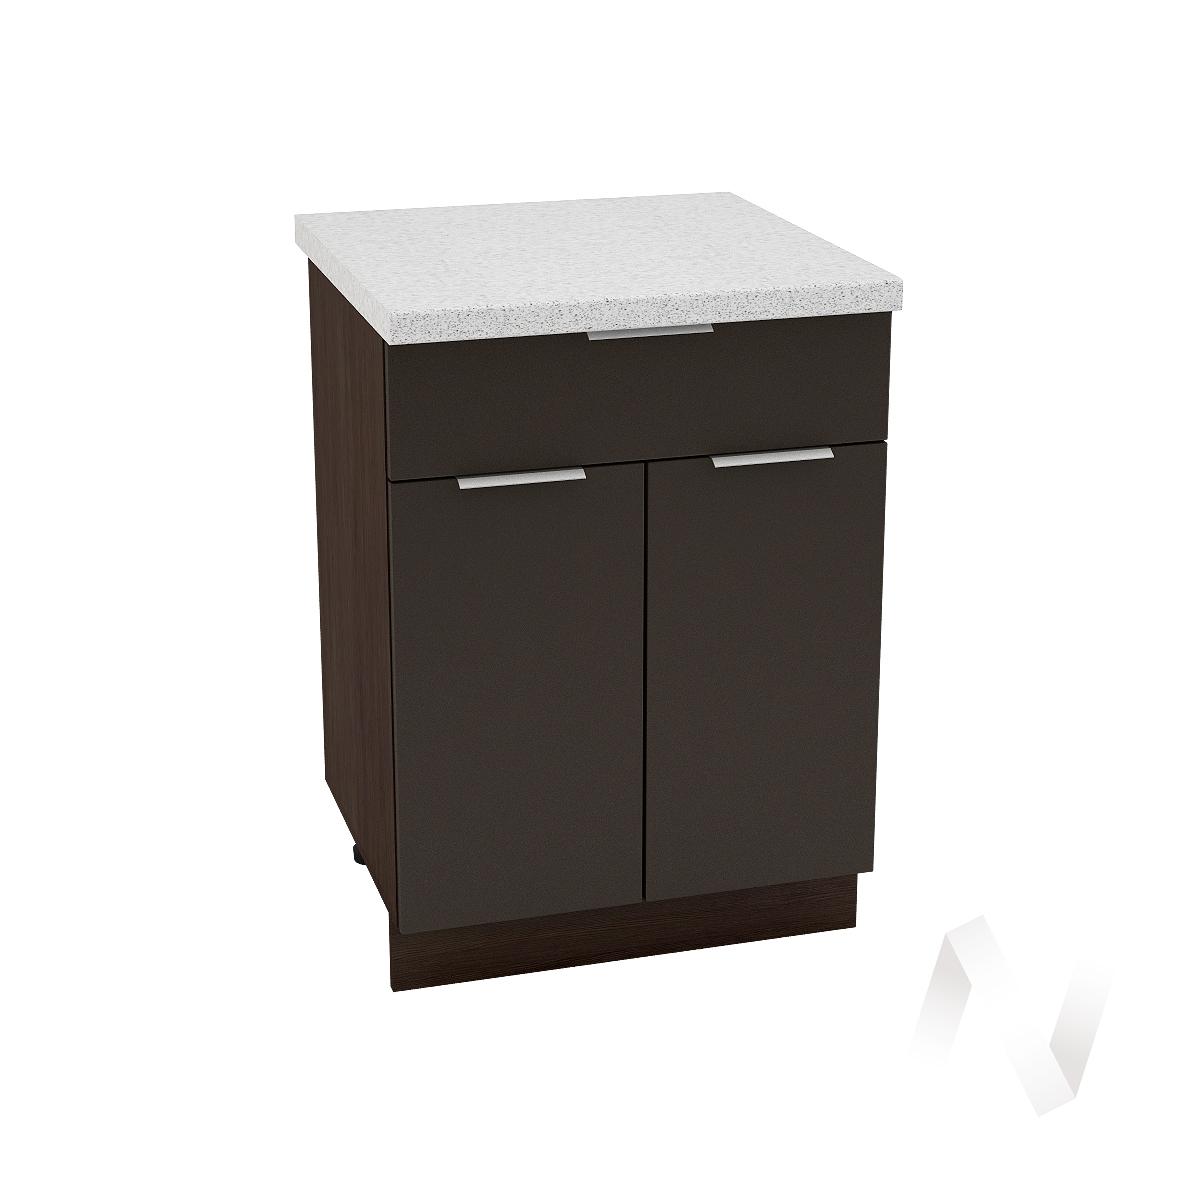 """Кухня """"Терра"""": Шкаф нижний с ящиком 600, ШН1Я 600 М (смоки софт/корпус венге)"""